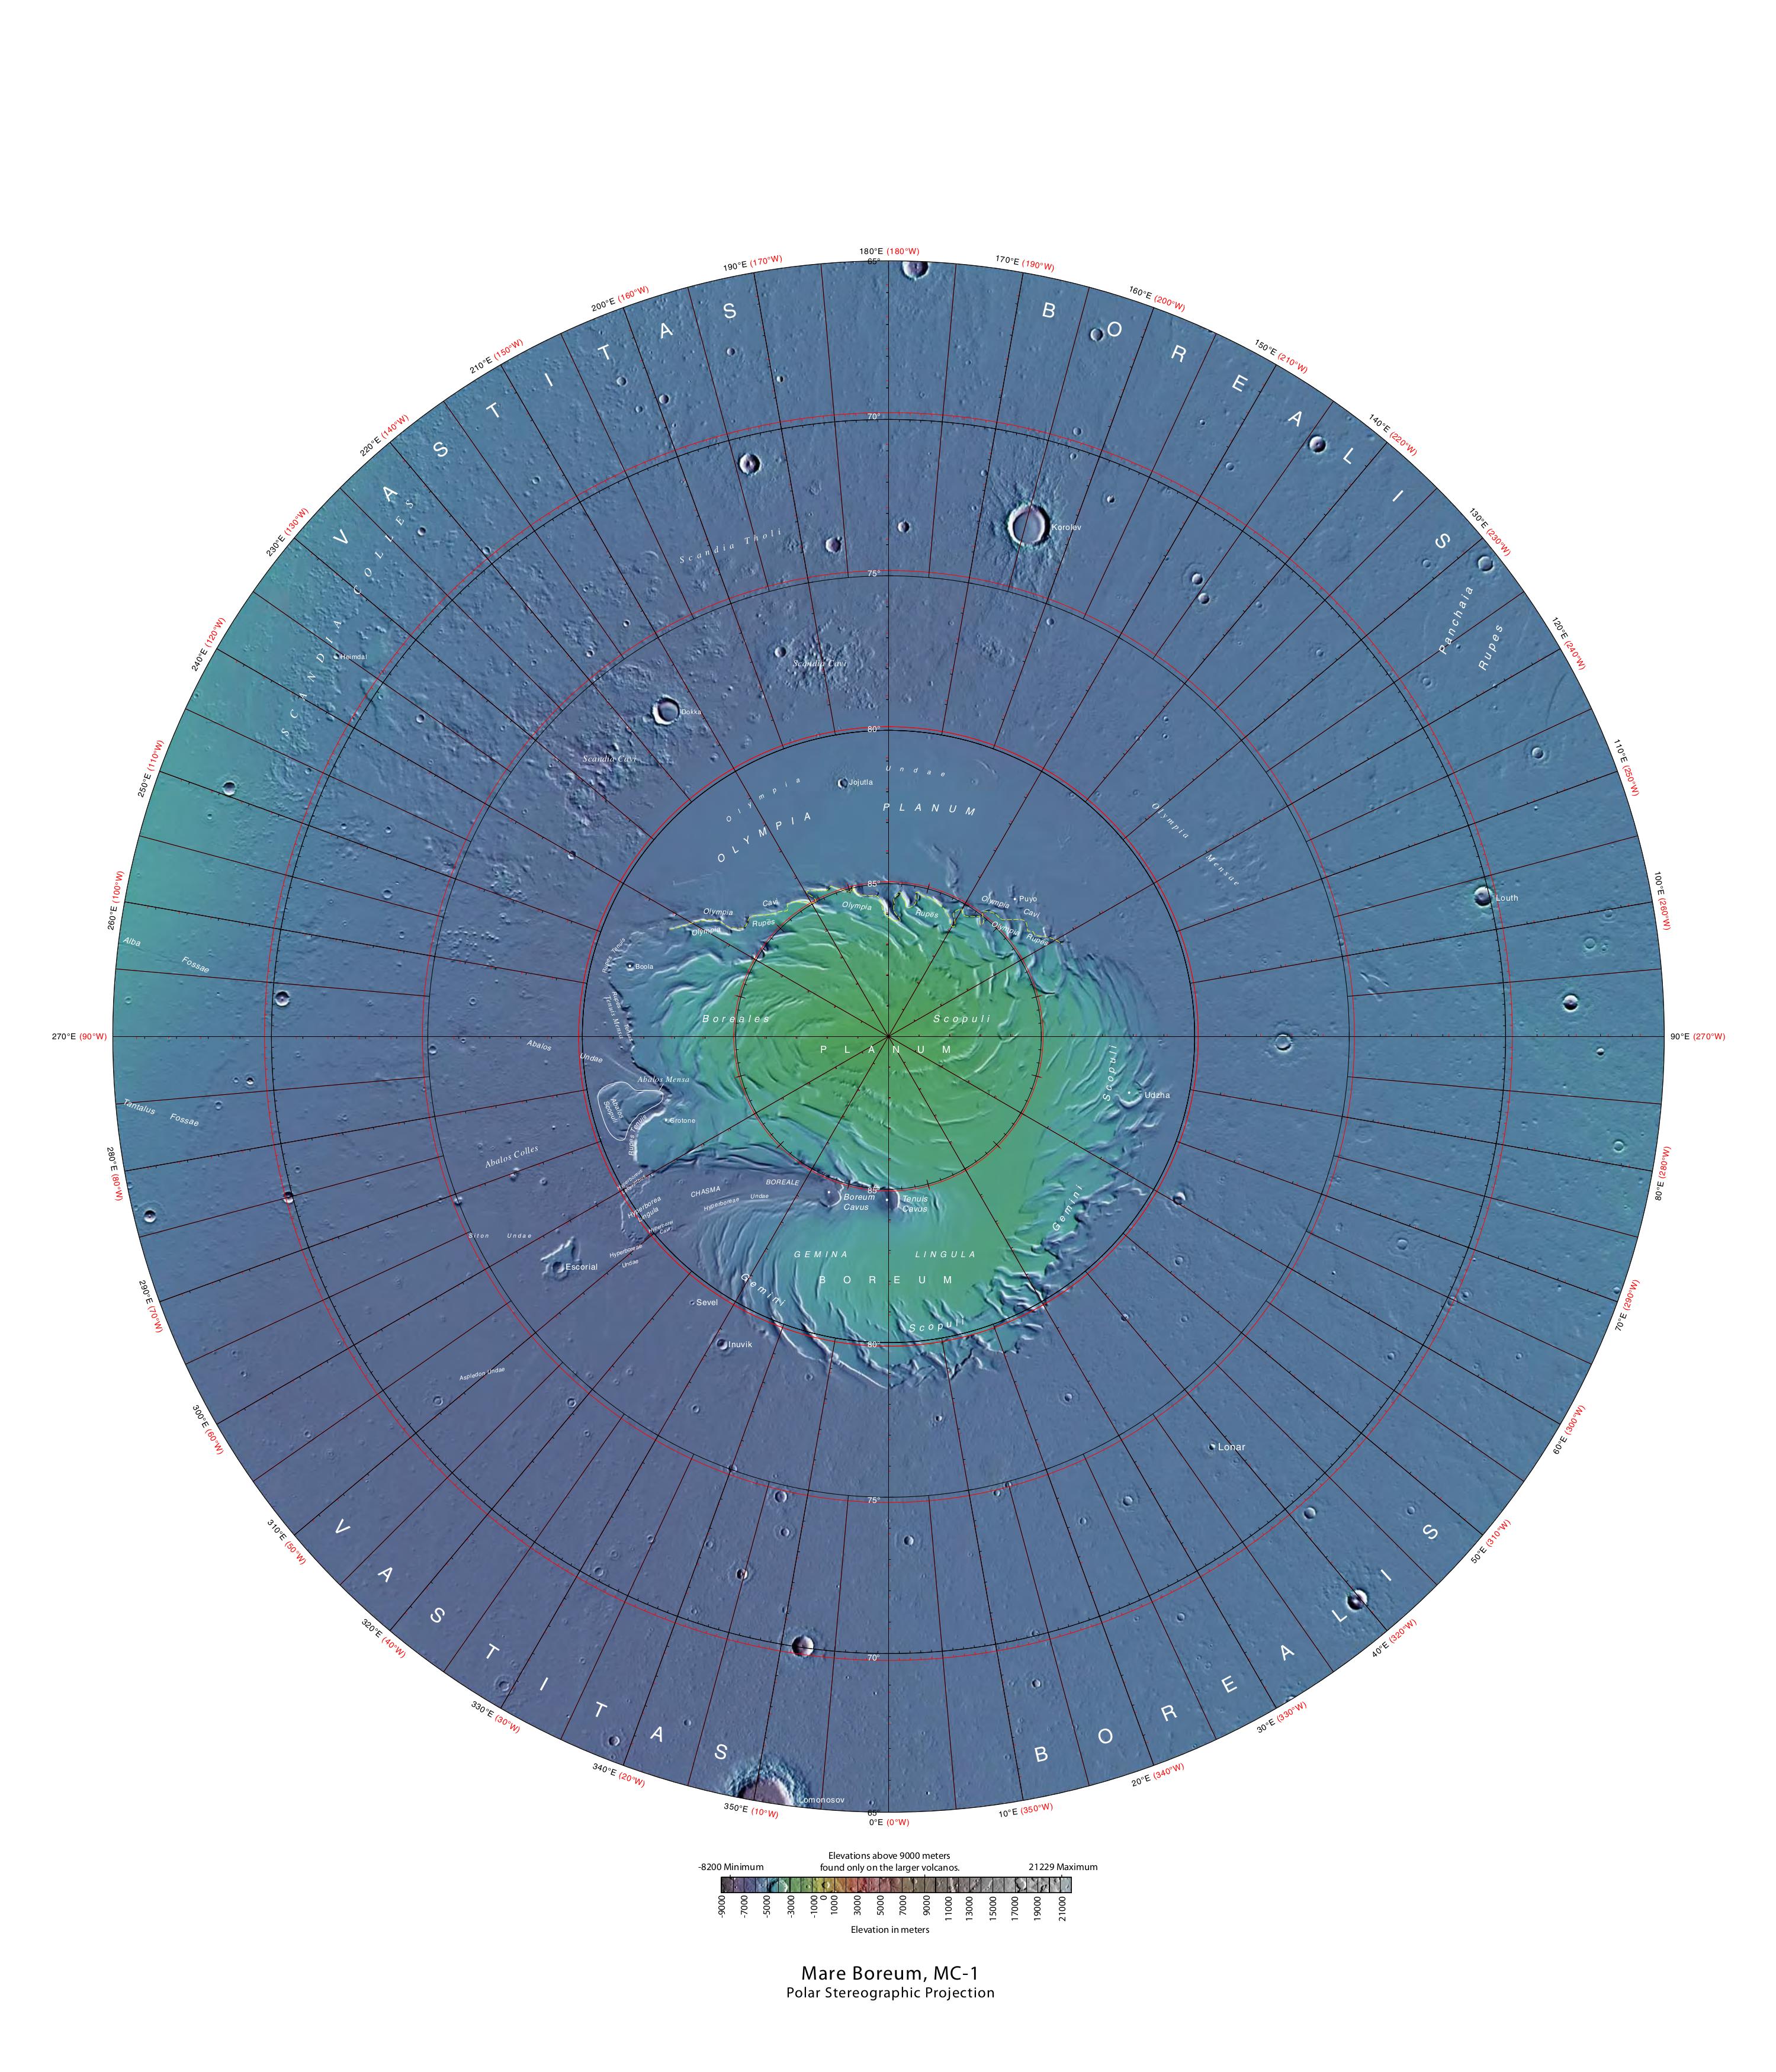 USGS-Mars-MC-1-MareBoreumRegion-mola